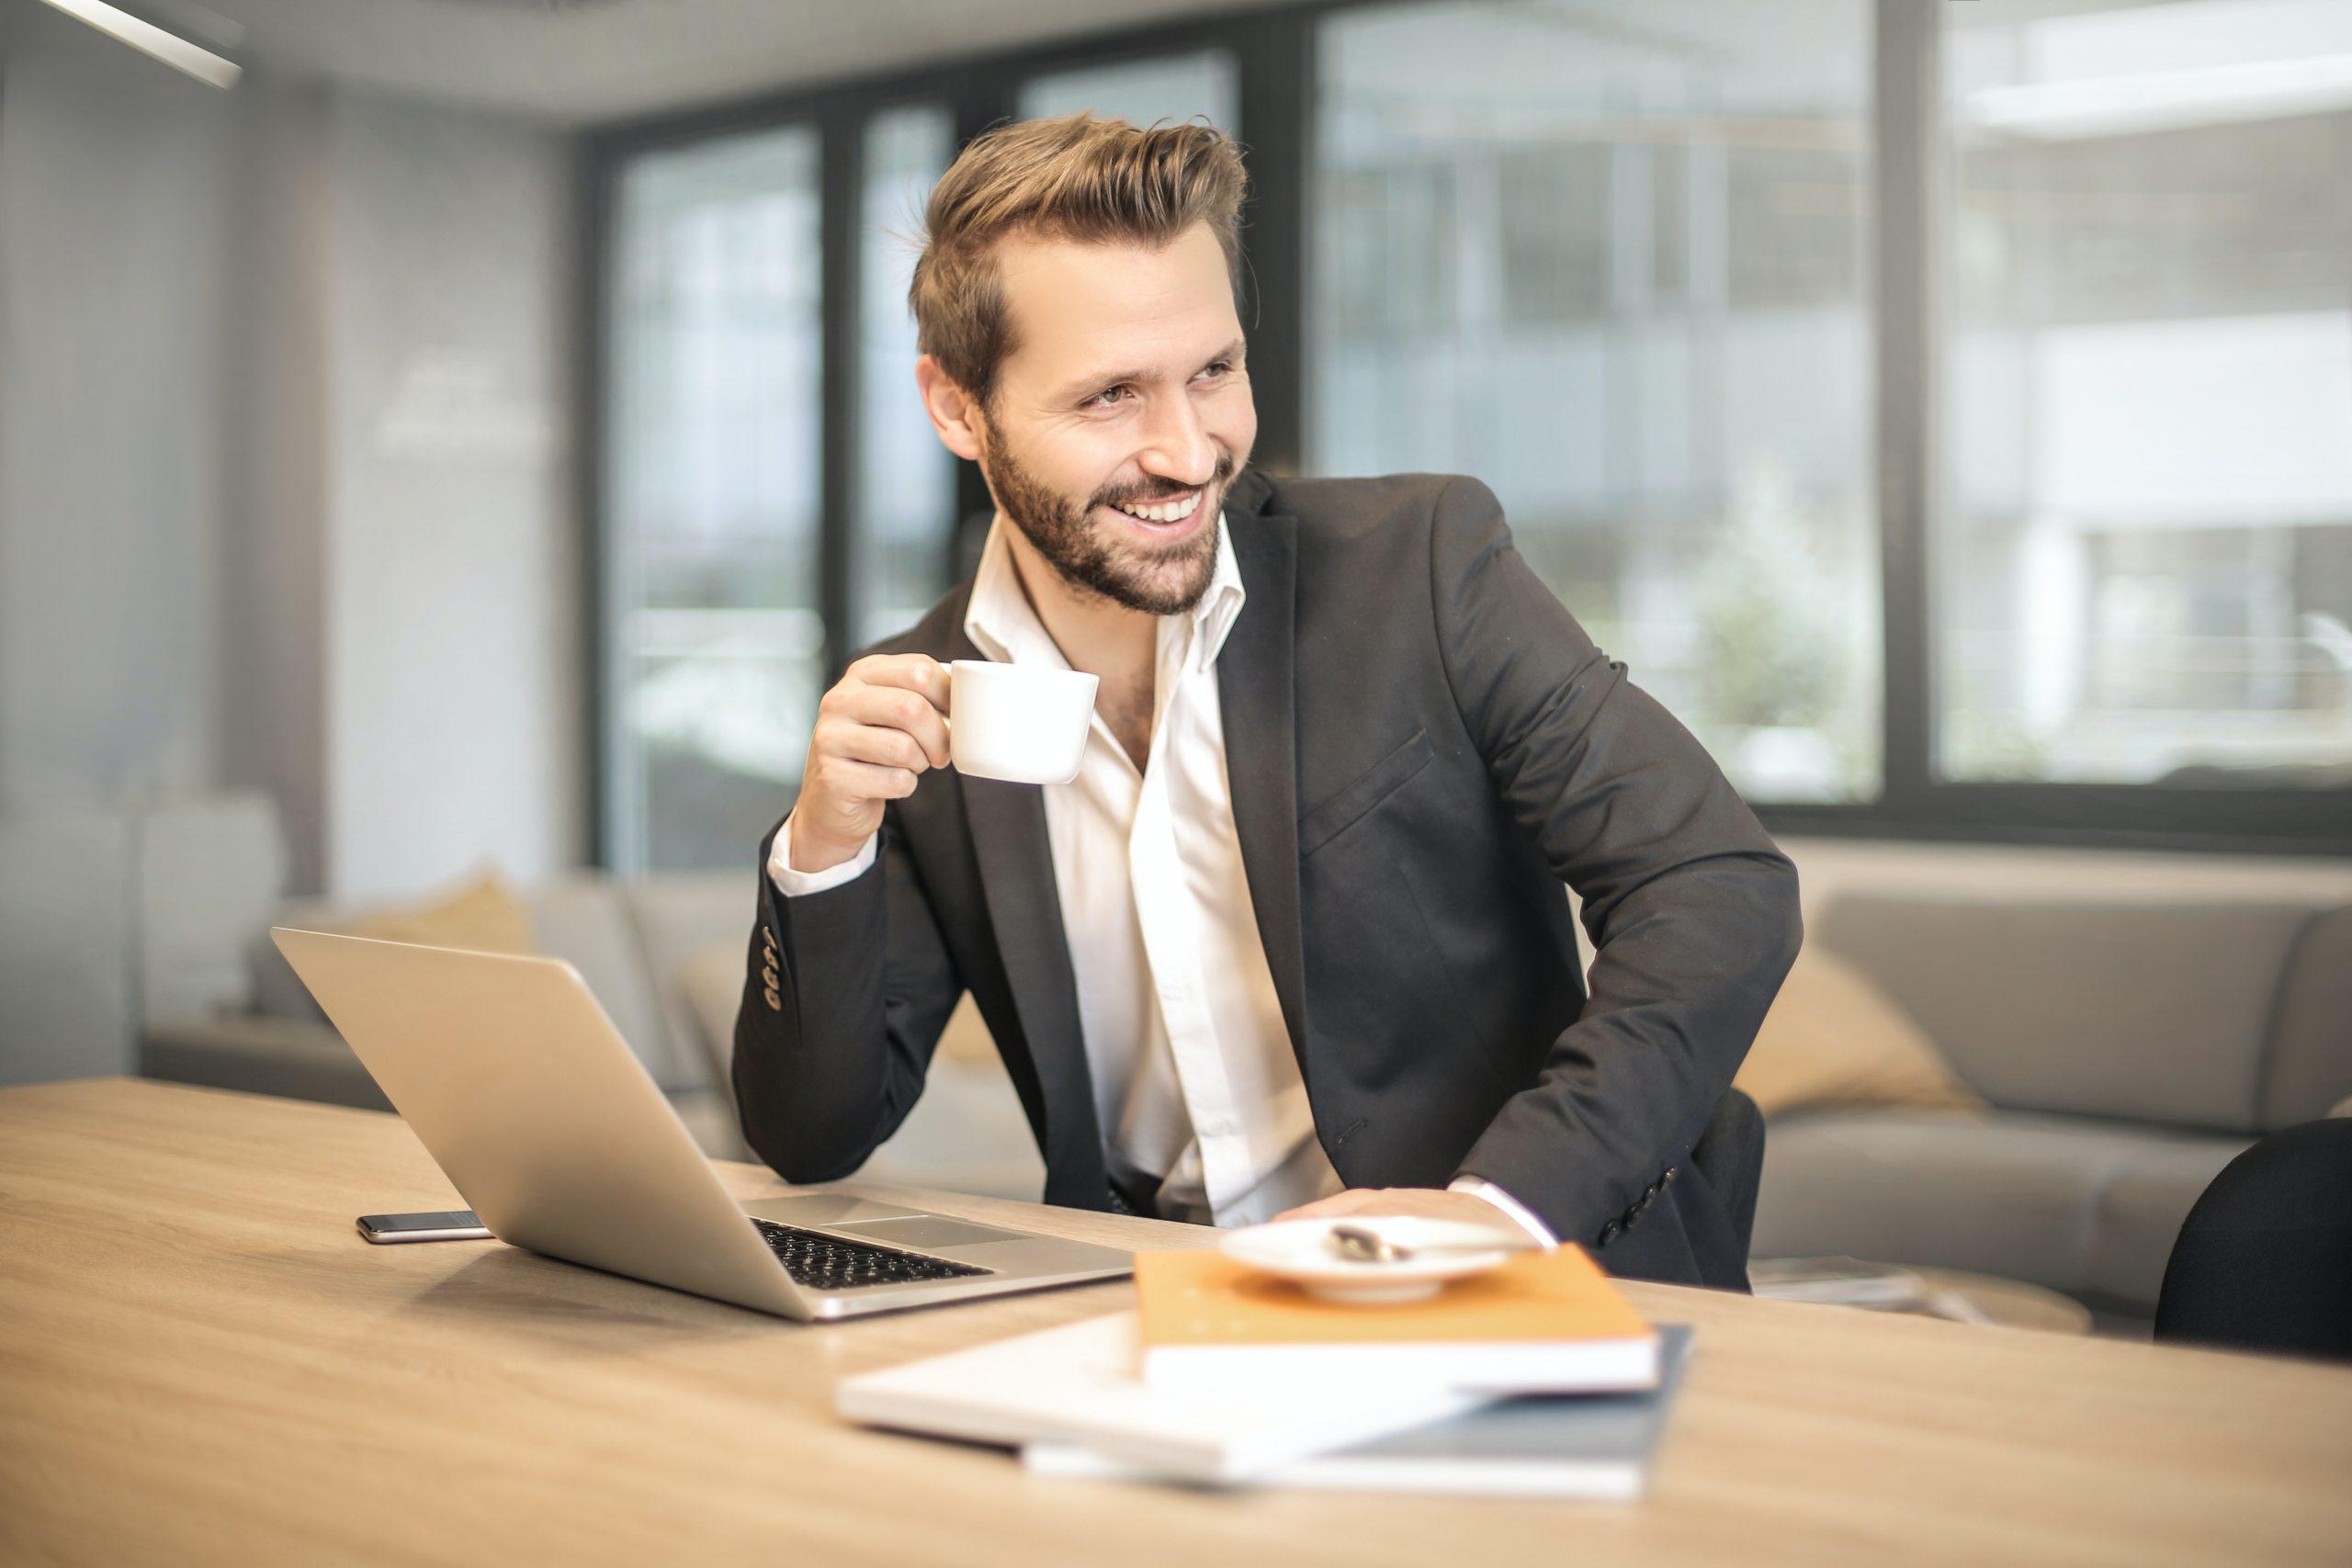 Imagem de um homem bebendo café.